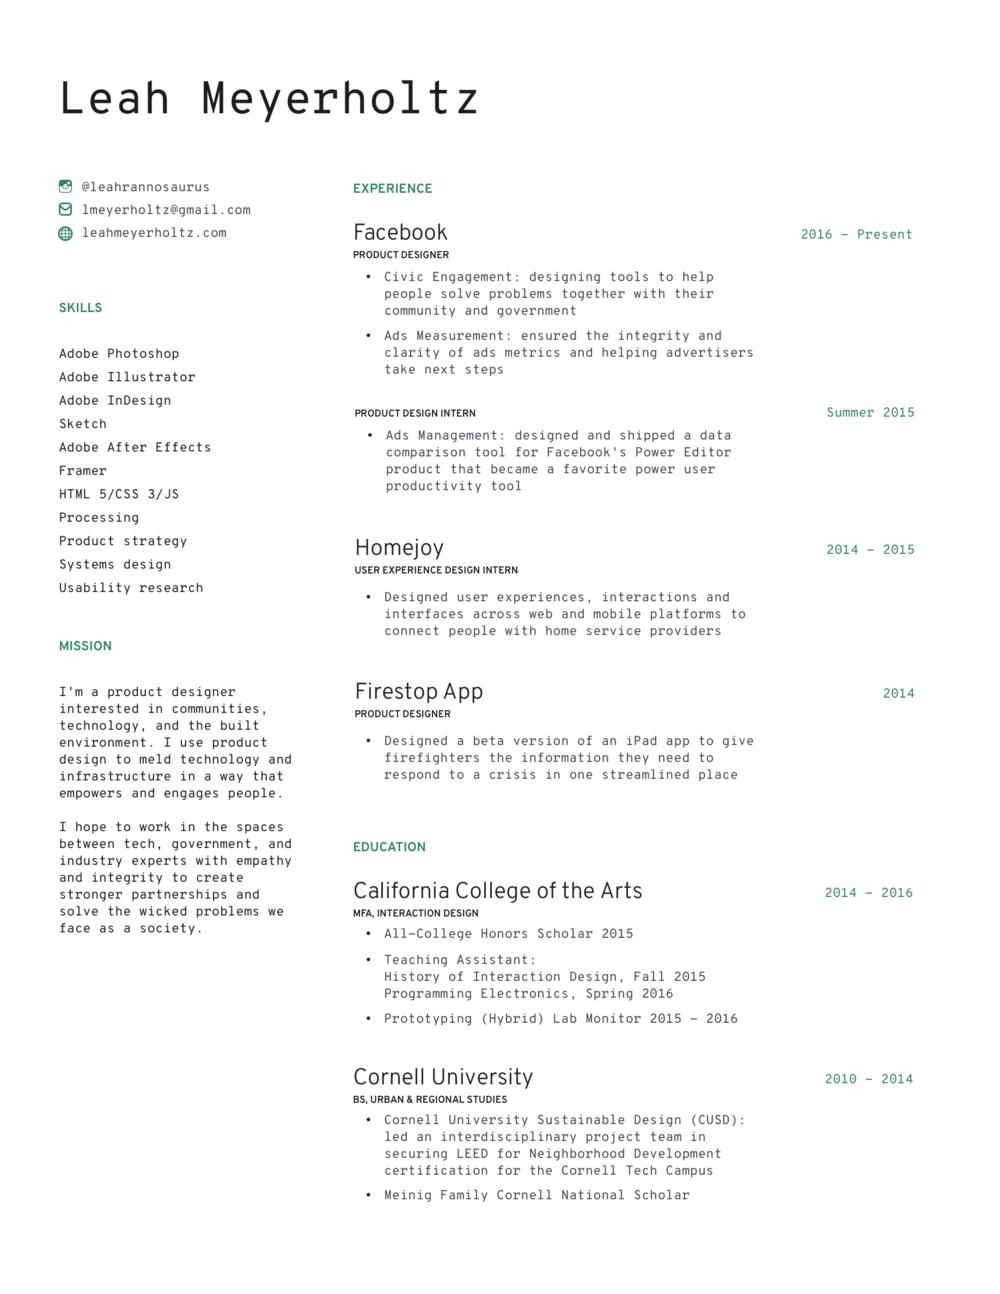 LeahMeyerholtz-resume2019-png.png